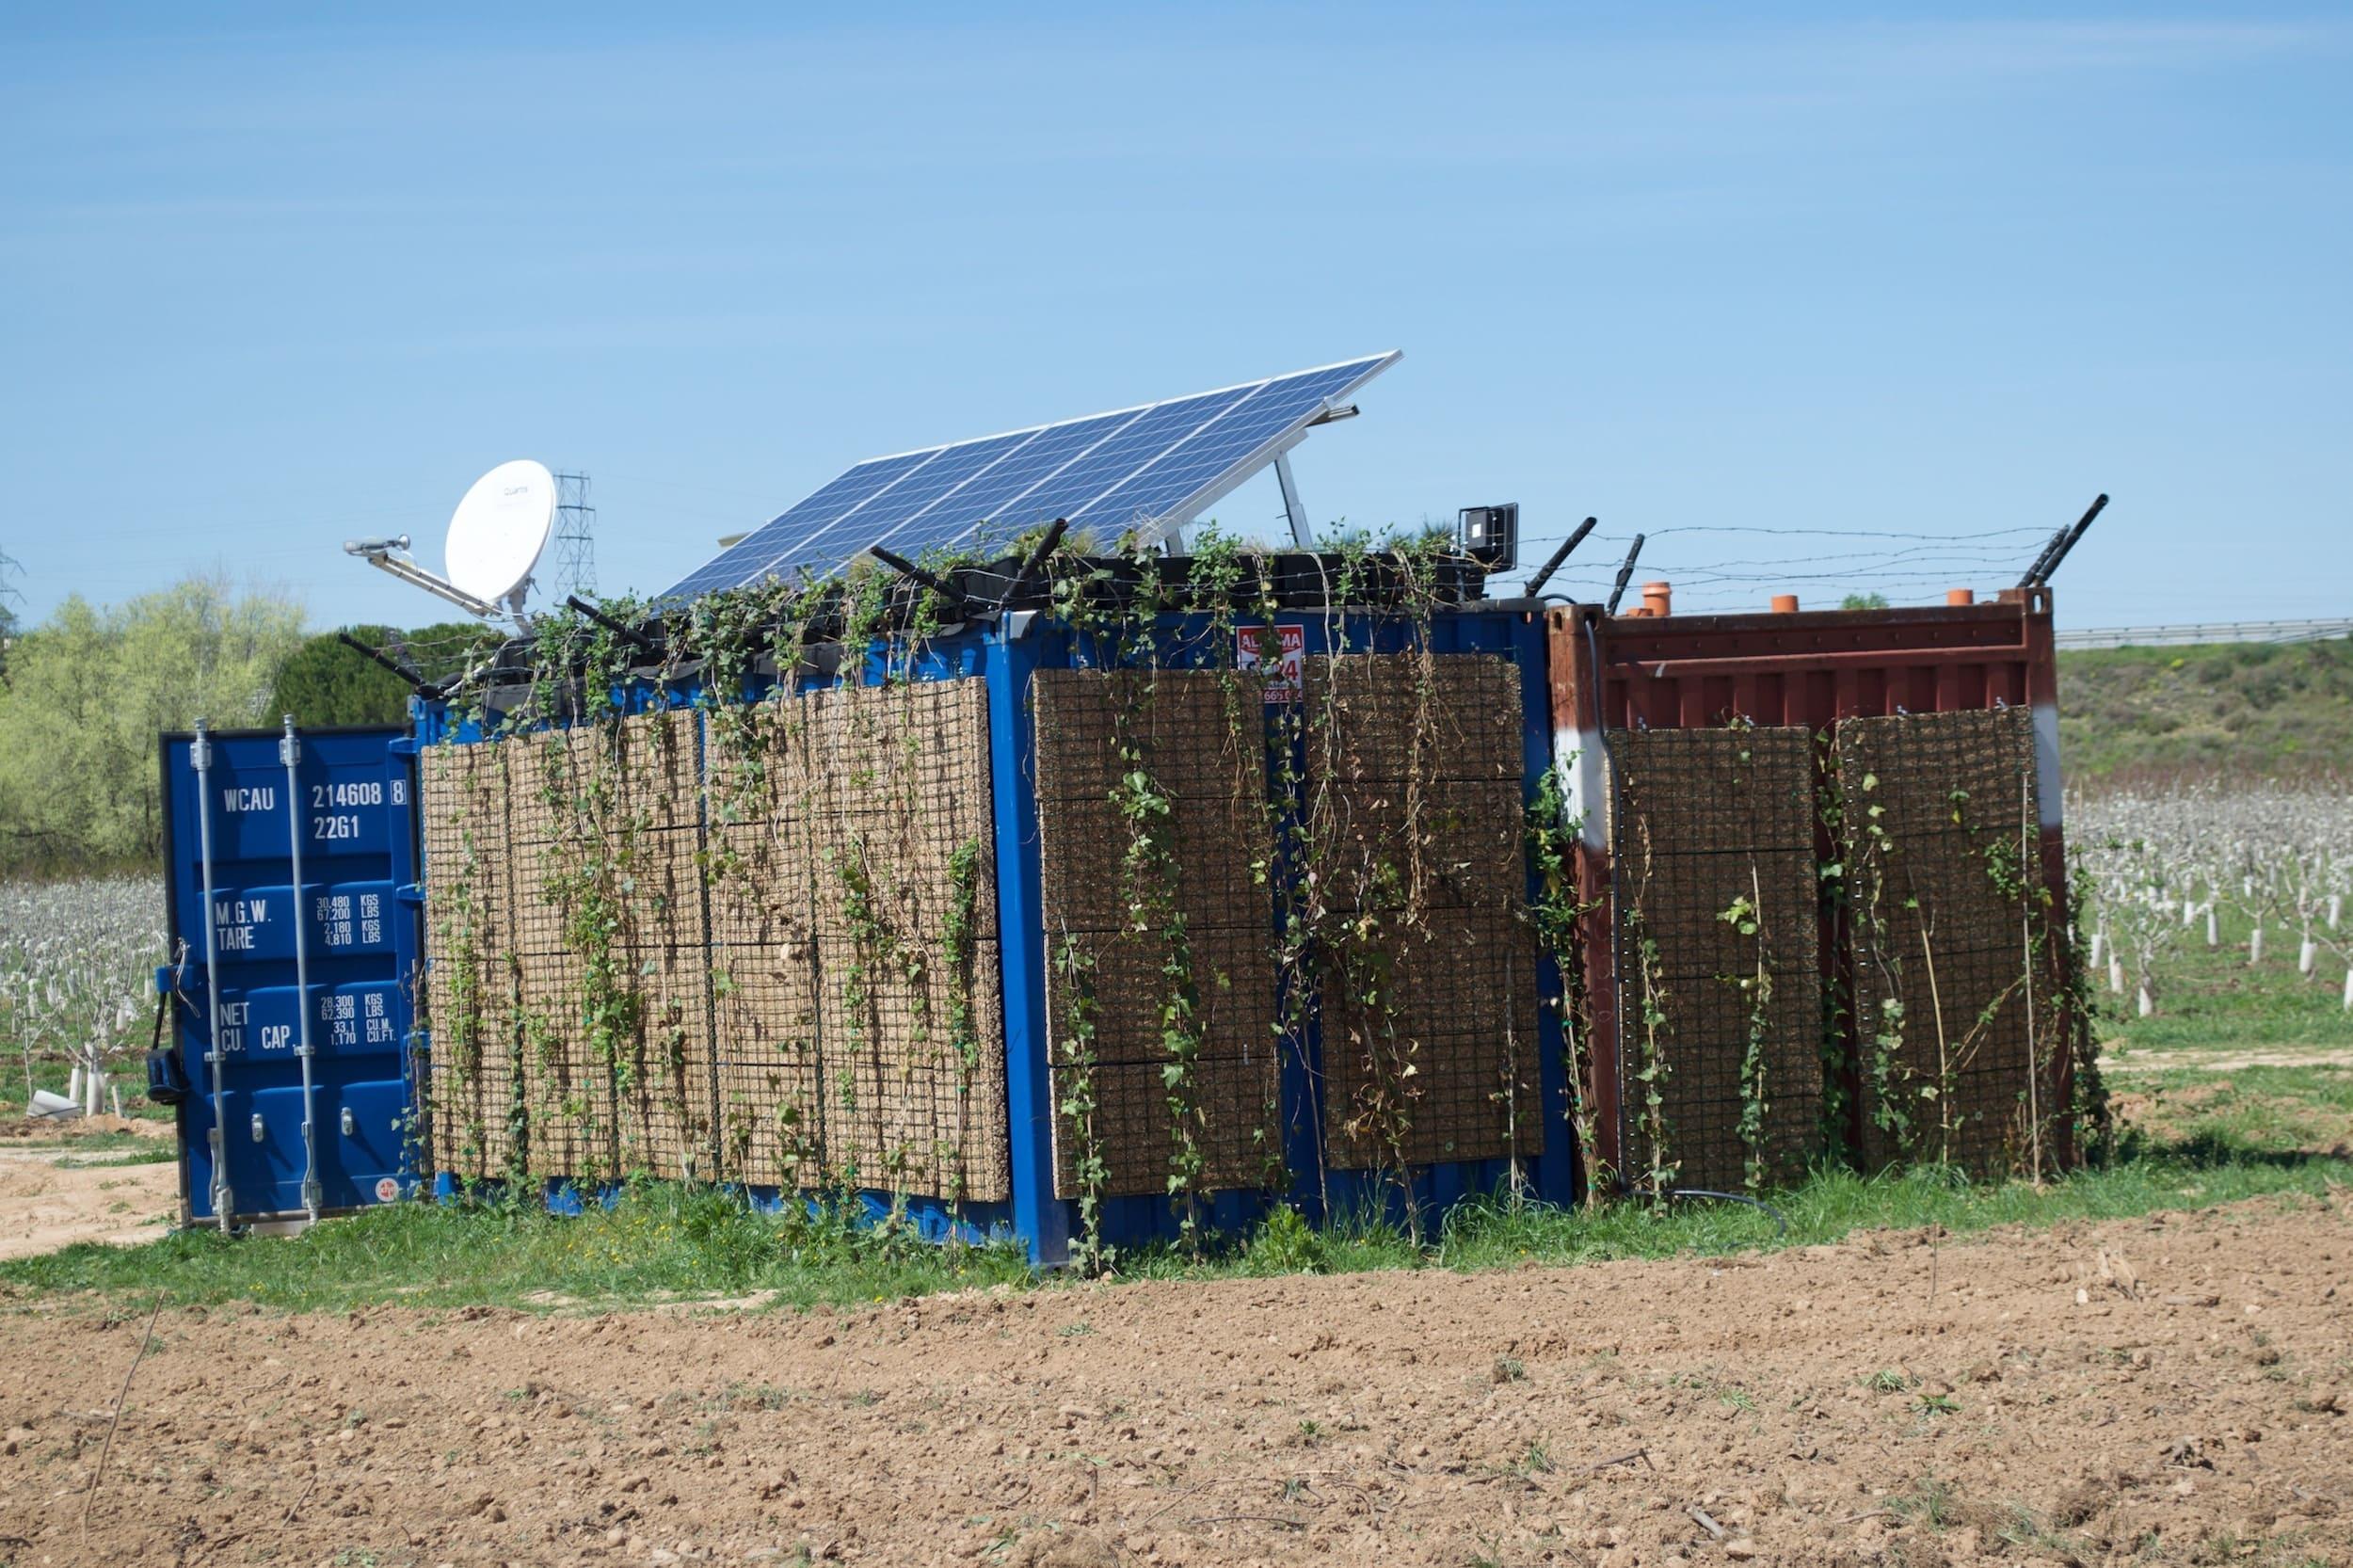 Humedal construido portátil instalado en la parcela agrícola de Sudanell, Lleida, España.